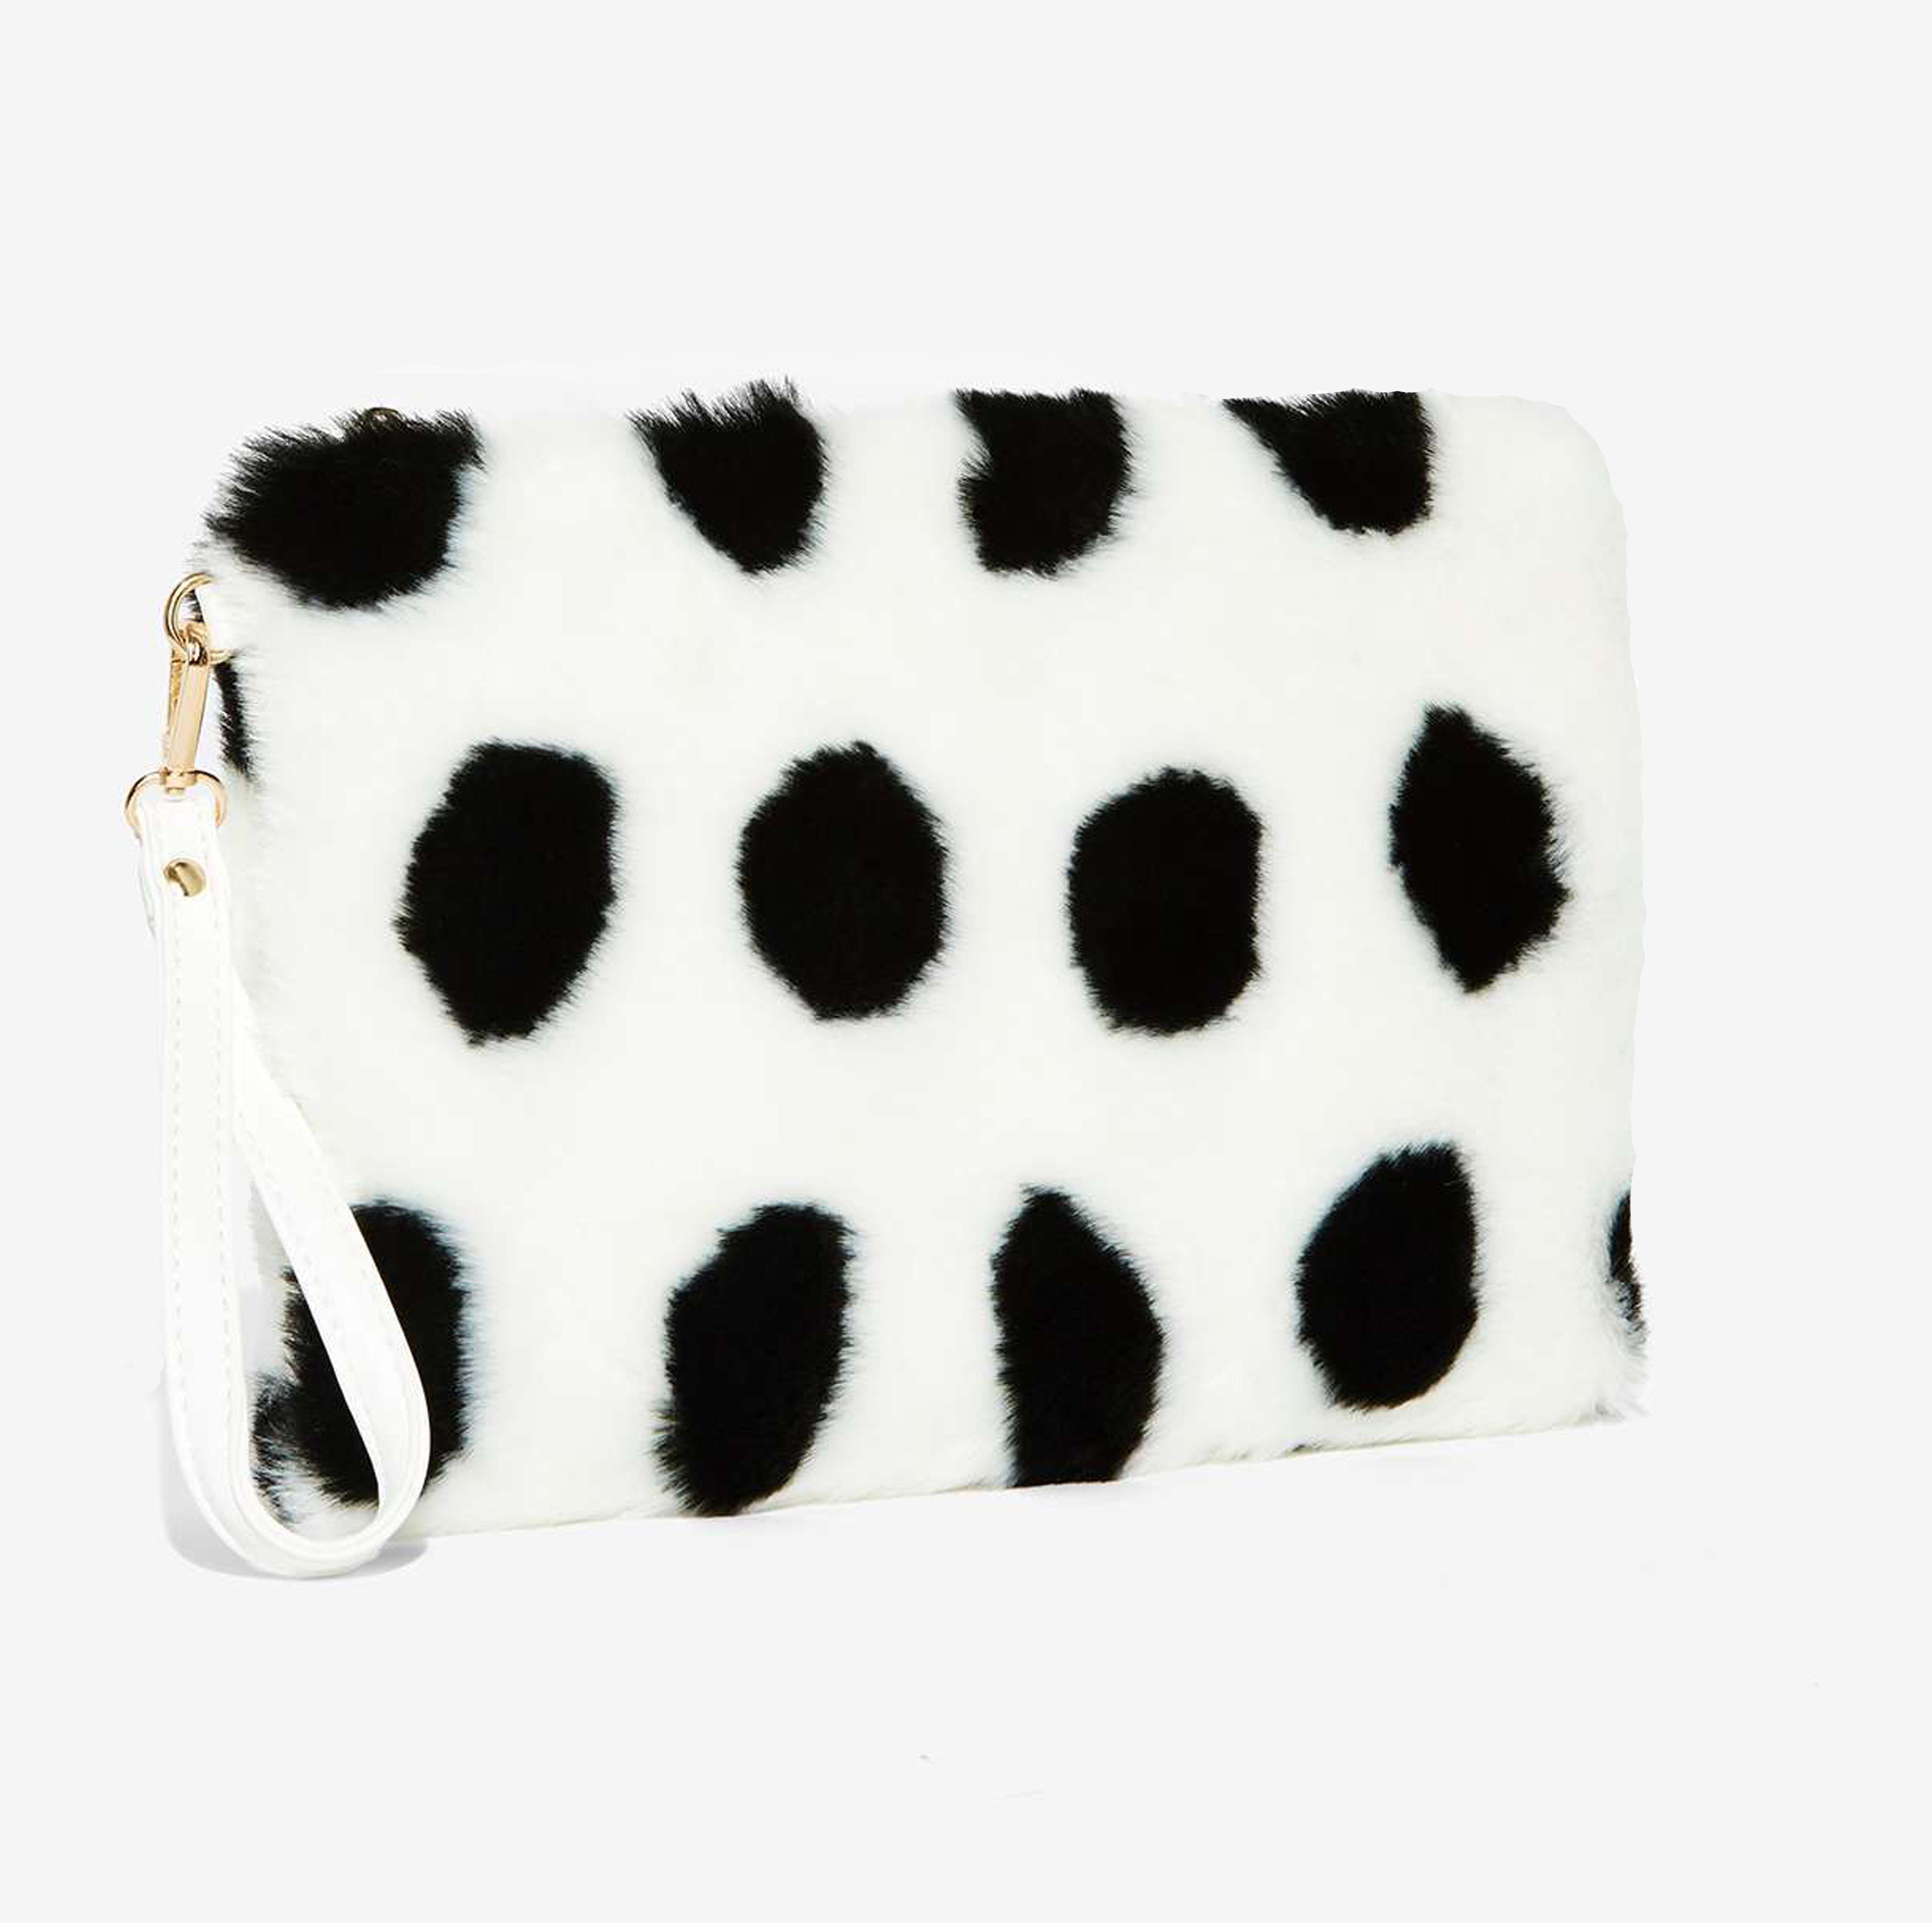 Polka Dot Clutch #furry #soft #fallfashion #shopnoveme #polkadot #clutch